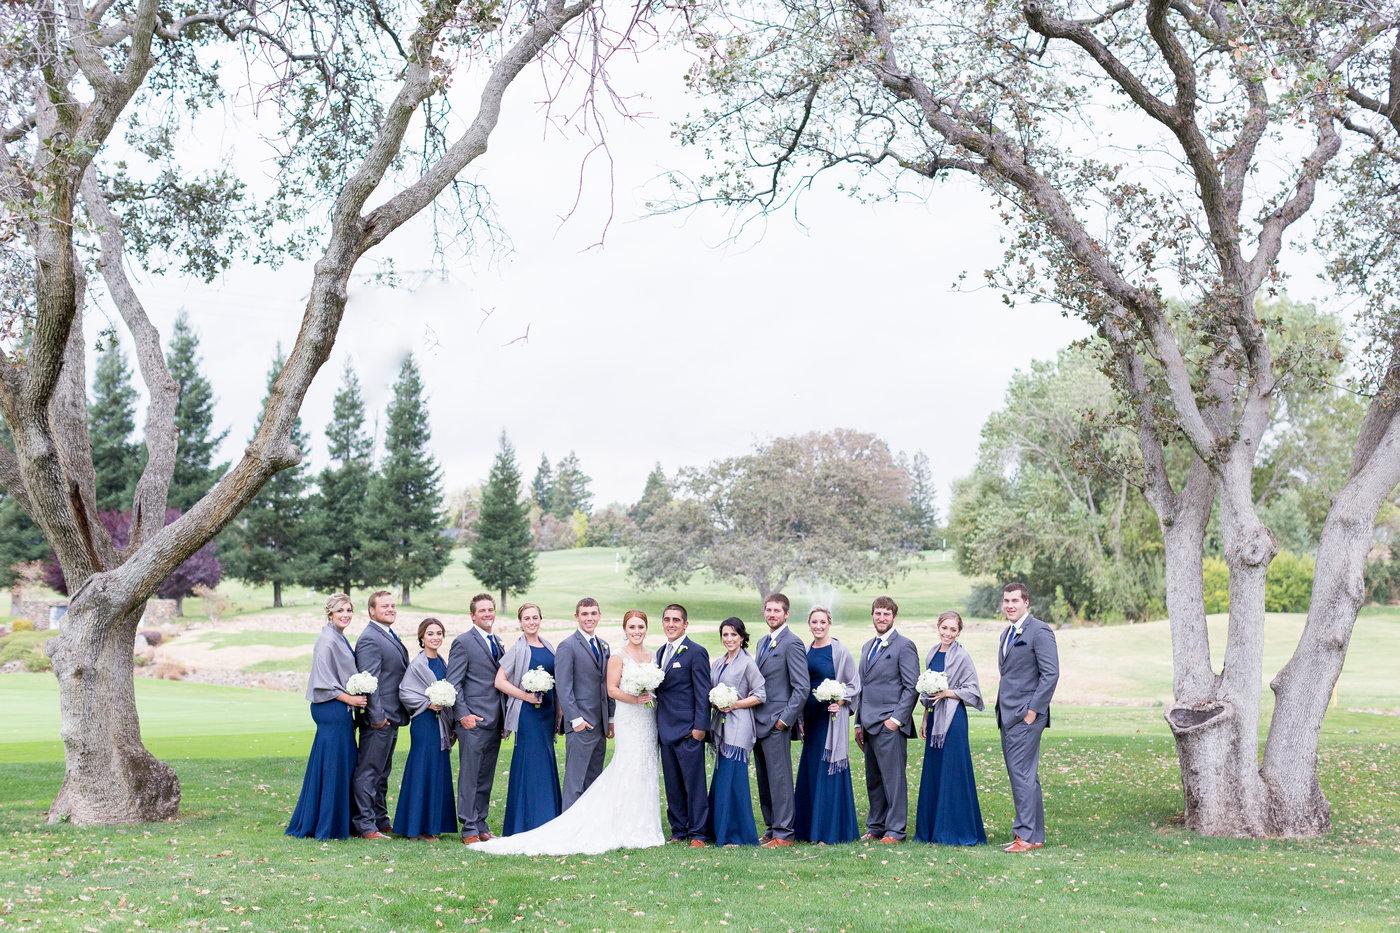 golf-course-wedding-venue-chico-ca.jpg